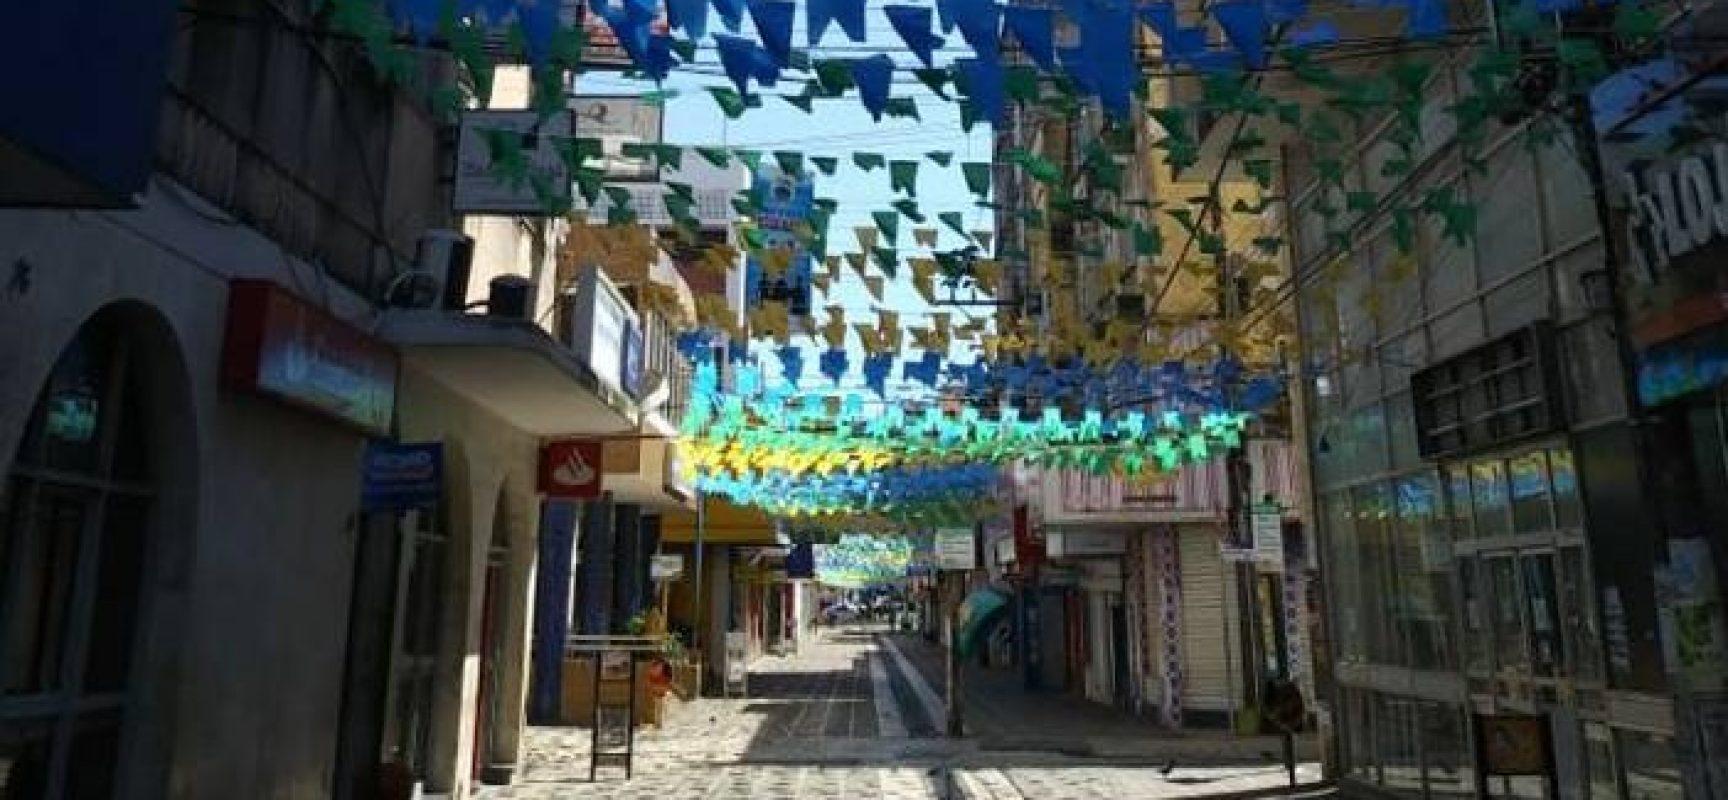 CDL de Ilhéus e Prefeitura garantem decoração junina no comércio